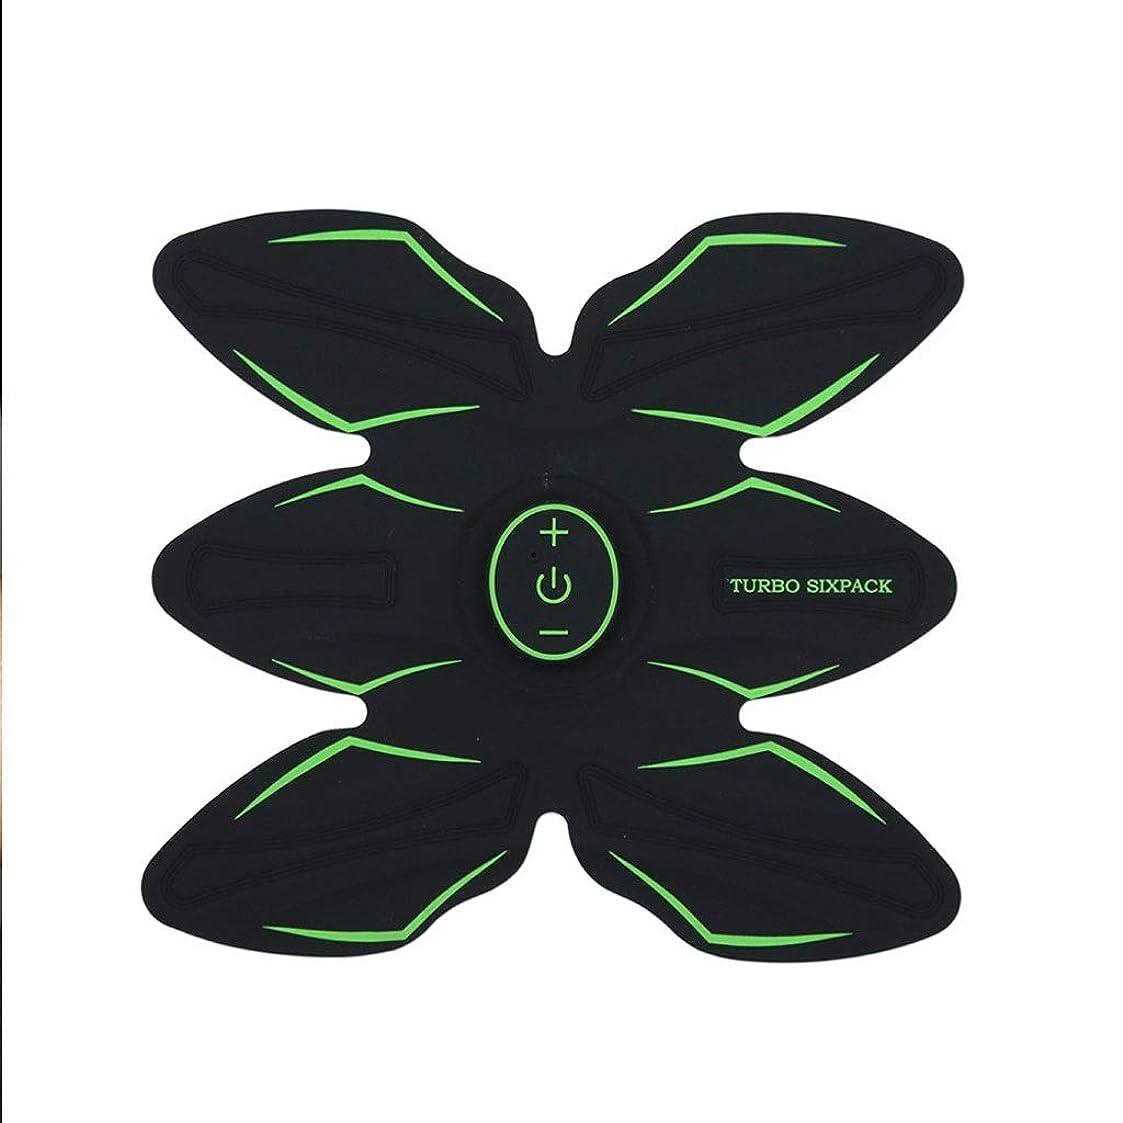 感情のきゅうり引き出しABSトレーナーEMS腹部電気筋肉刺激装置筋肉トナー調色ベルトフィットネスギアABSエクササイズマシンウエストトレーナーホームワークアウトフィットネス機器